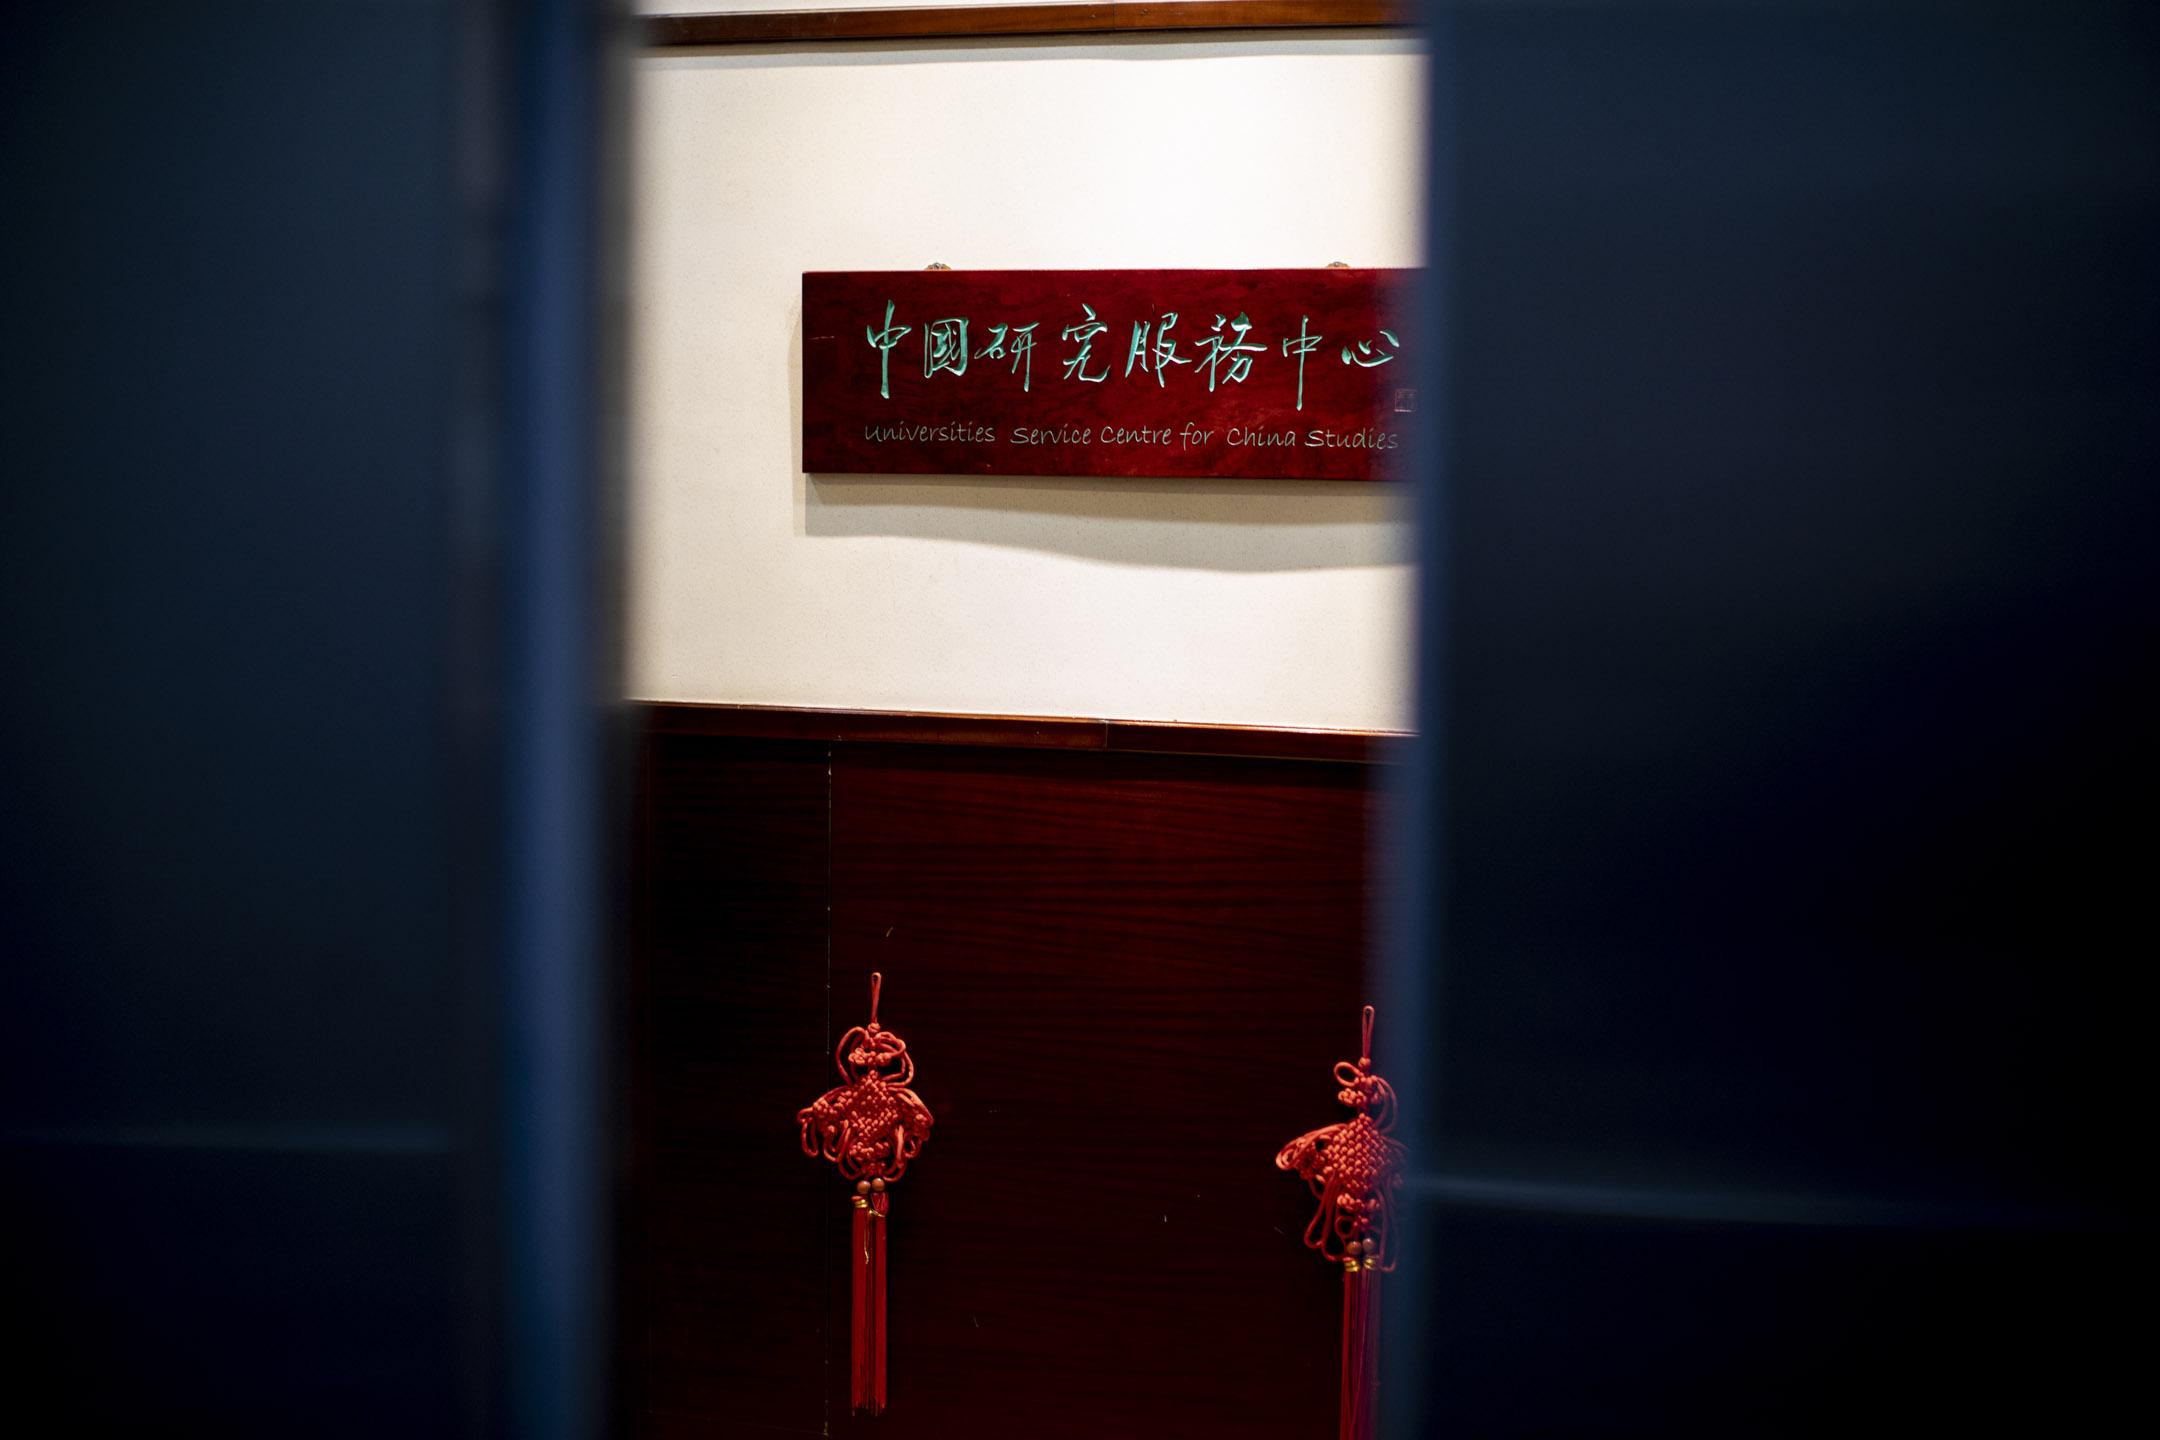 位於中大田家炳樓八樓的中國研究服務中心。 攝:林振東/端傳媒